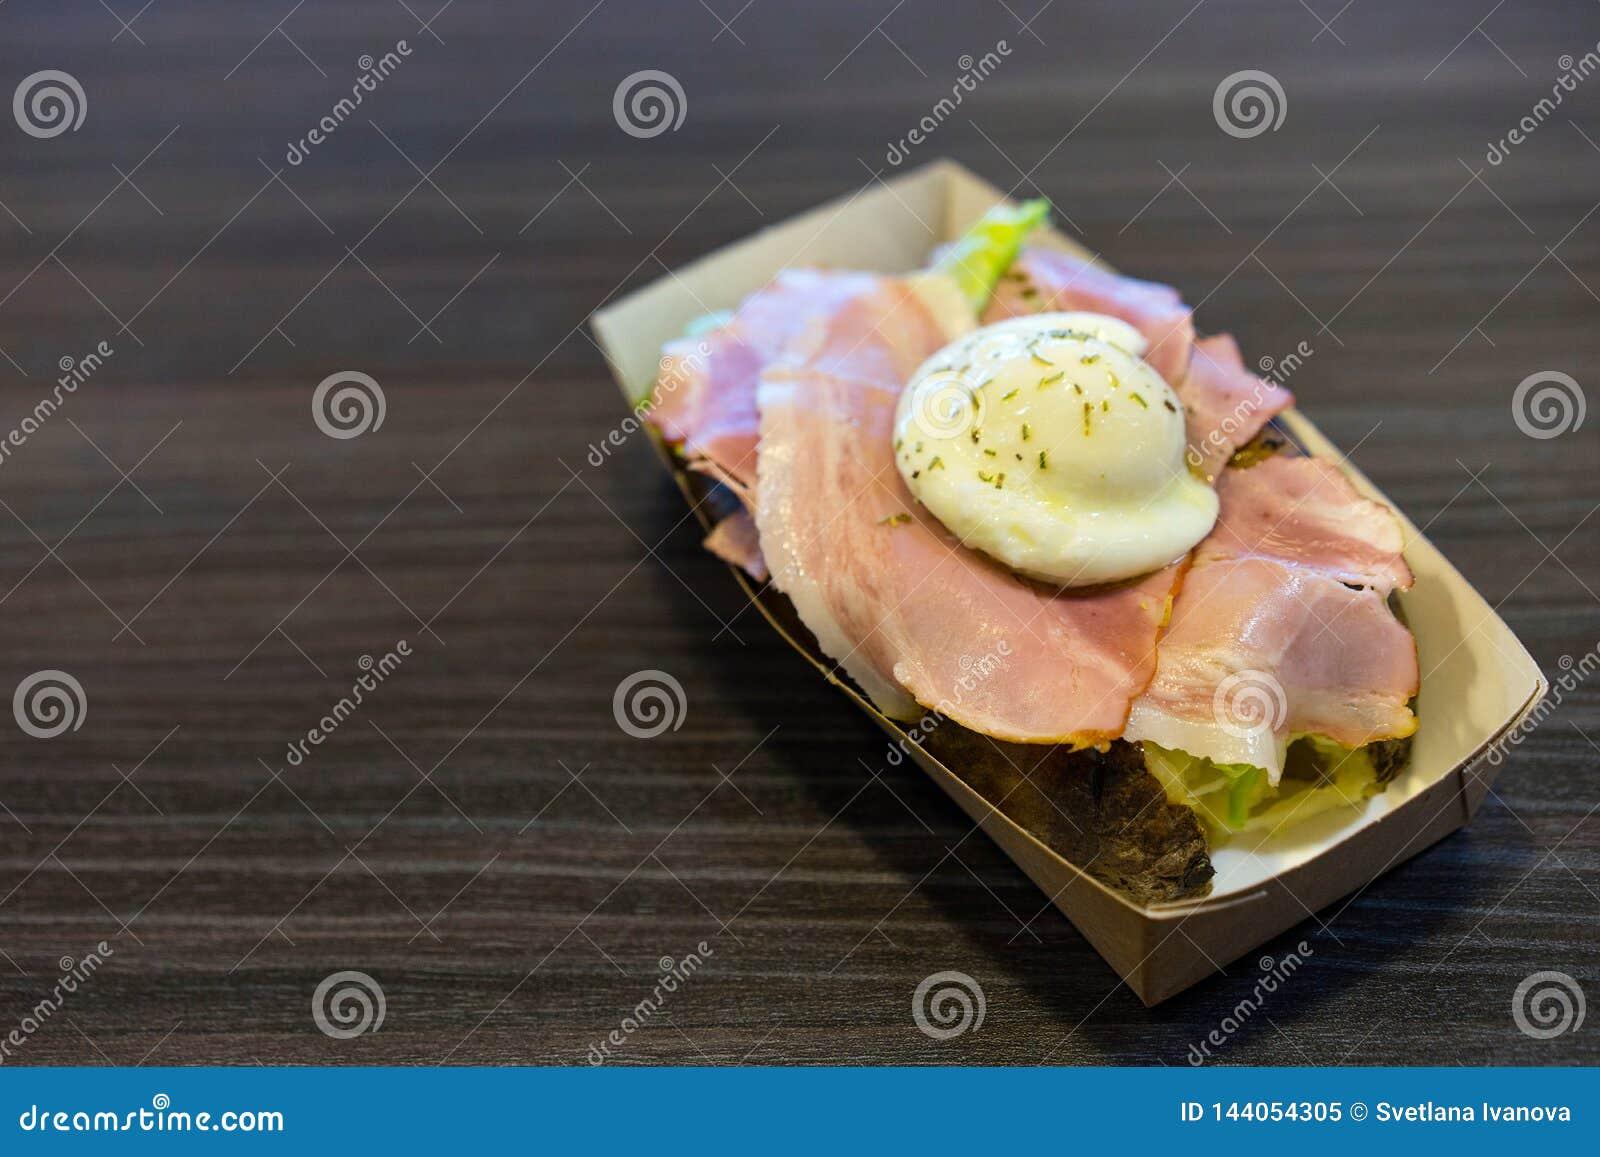 Casse-croûte des pommes de terre cuites au four, du lard et des oeufs pochés dans une boîte de carton sur une table noire